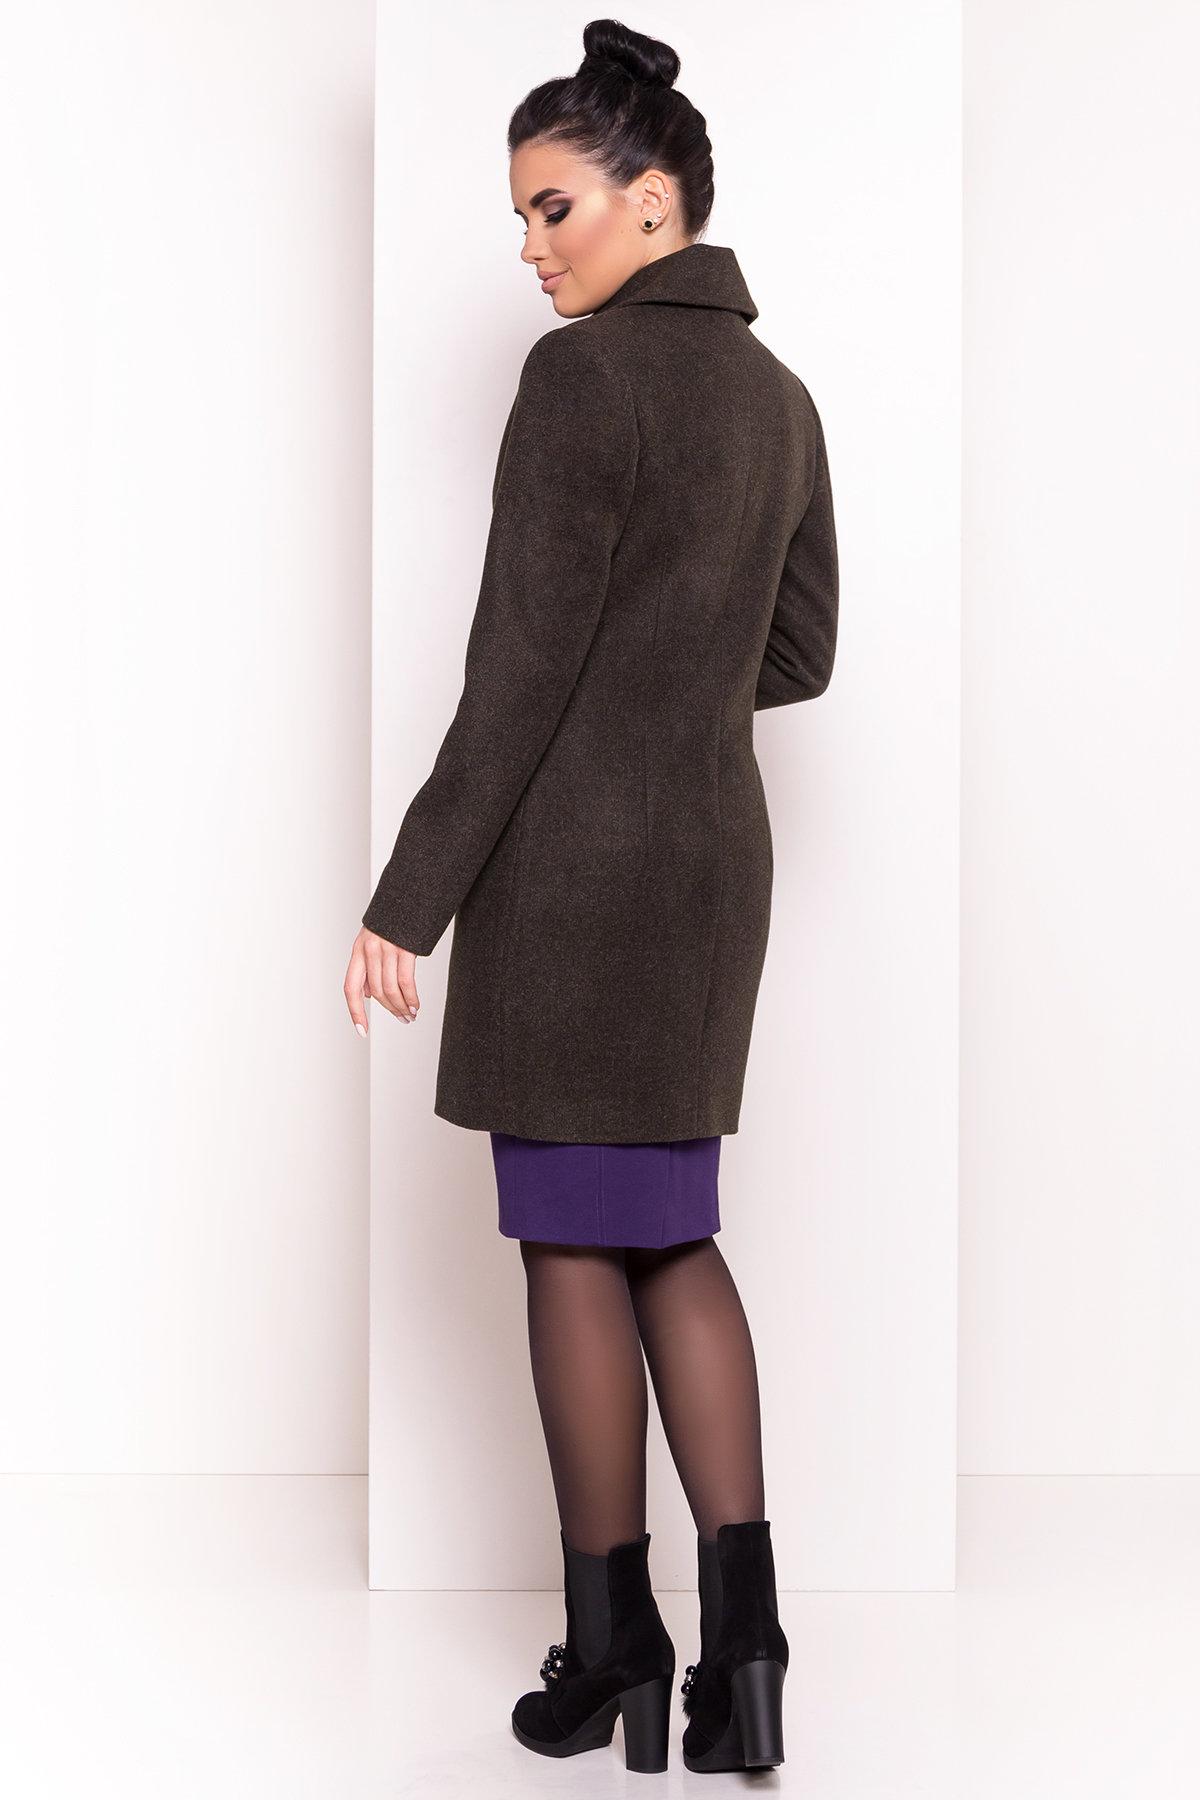 Стильное демисезонное пальто Габриэлла 5295 АРТ. 37285 Цвет: Хаки - фото 2, интернет магазин tm-modus.ru